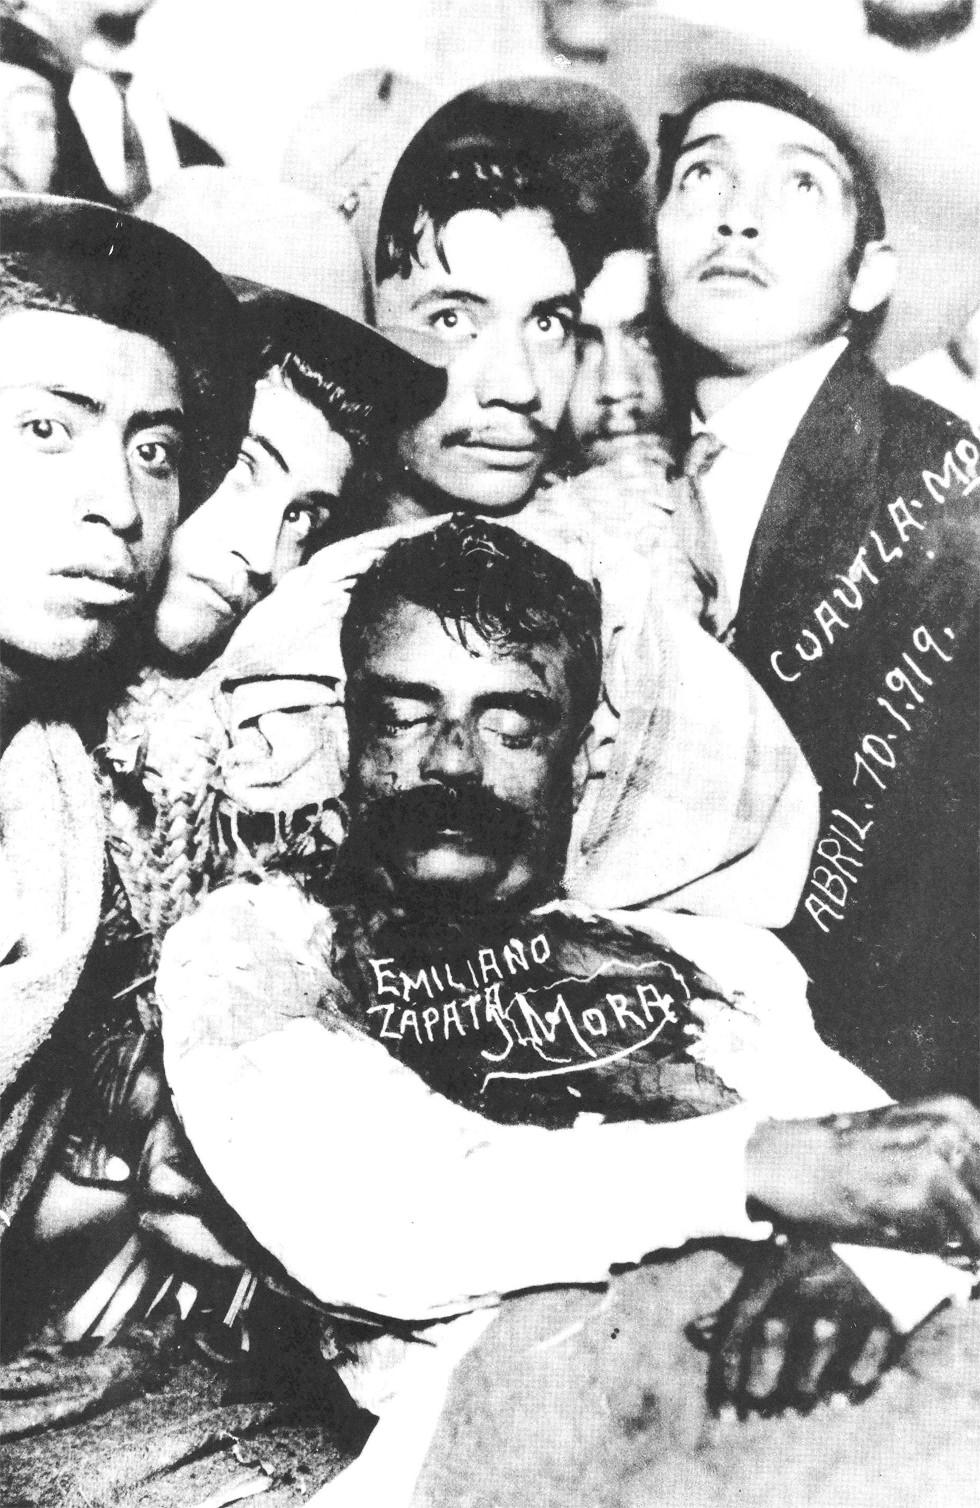 Tal día como hoy moría asesinado Emiliano Zapata